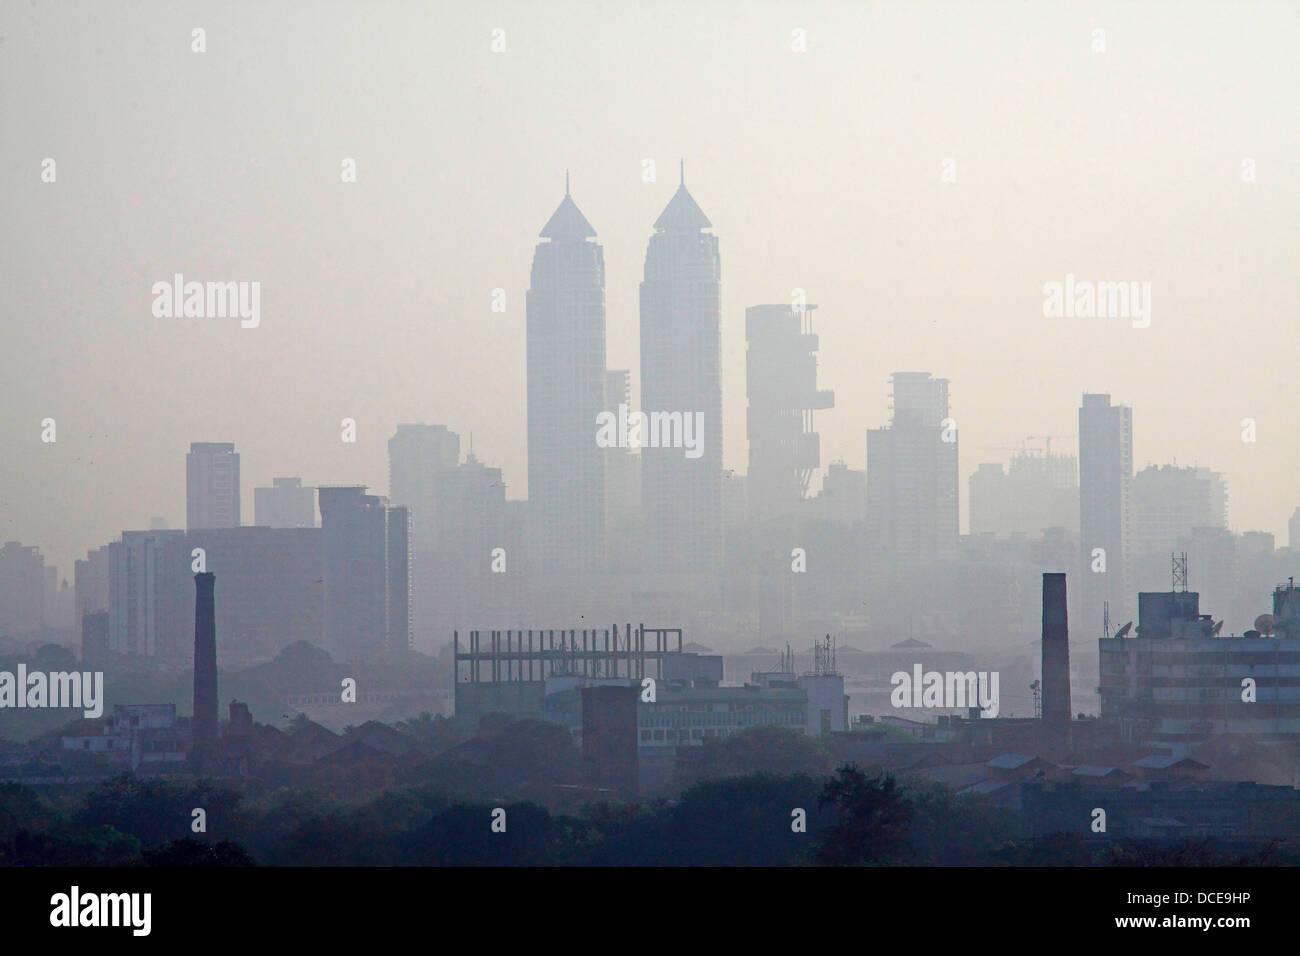 November 7, 2011 - Mumbai, Maharashtra, India - Ariel view of the Skyline of  Mumbai shows newly constrcuted luxury Stock Photo